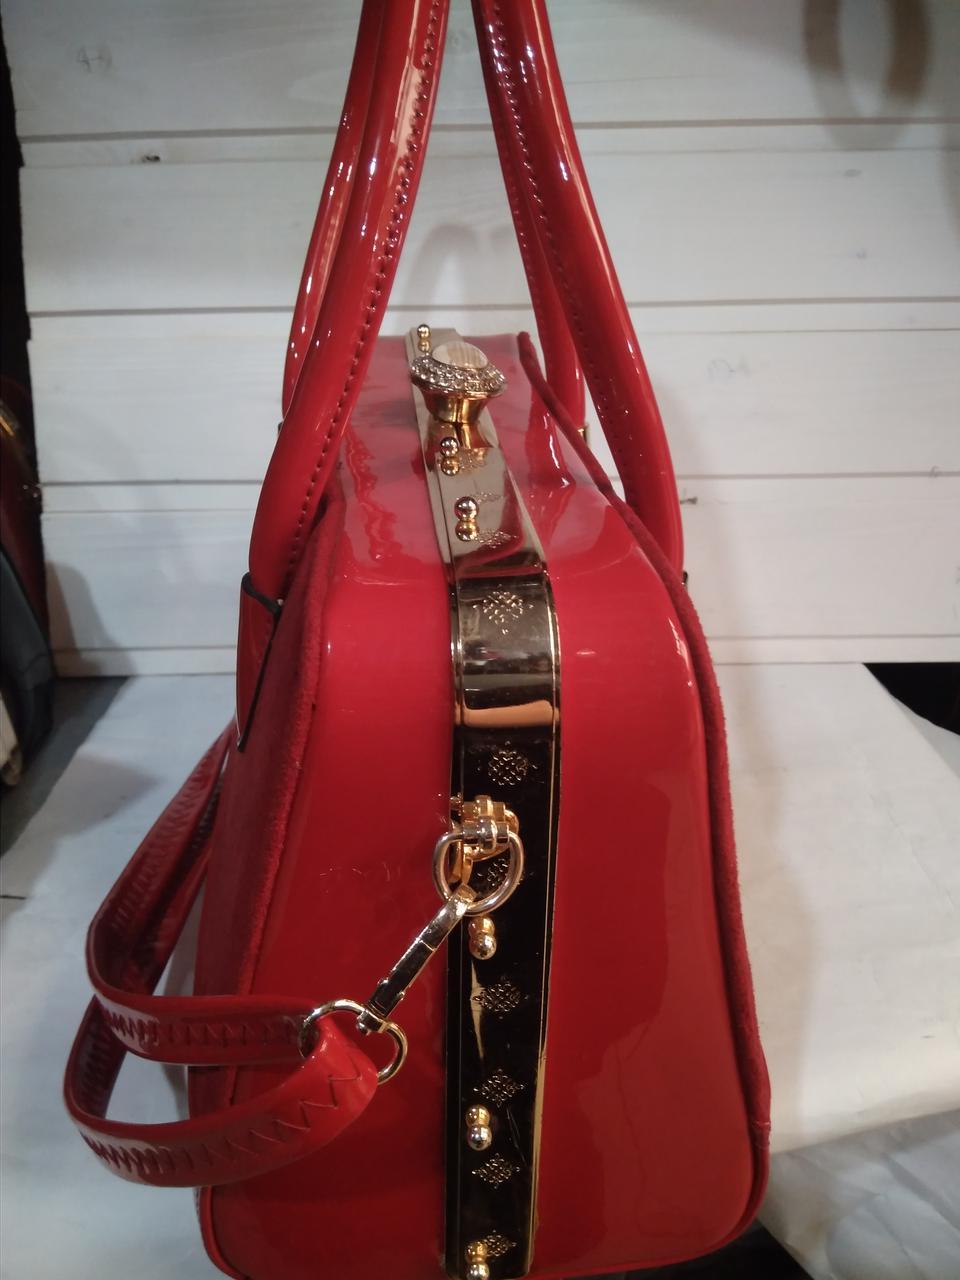 90efaa70e8c8 Женская сумка с жестким каркасом внутри и застежкой типа